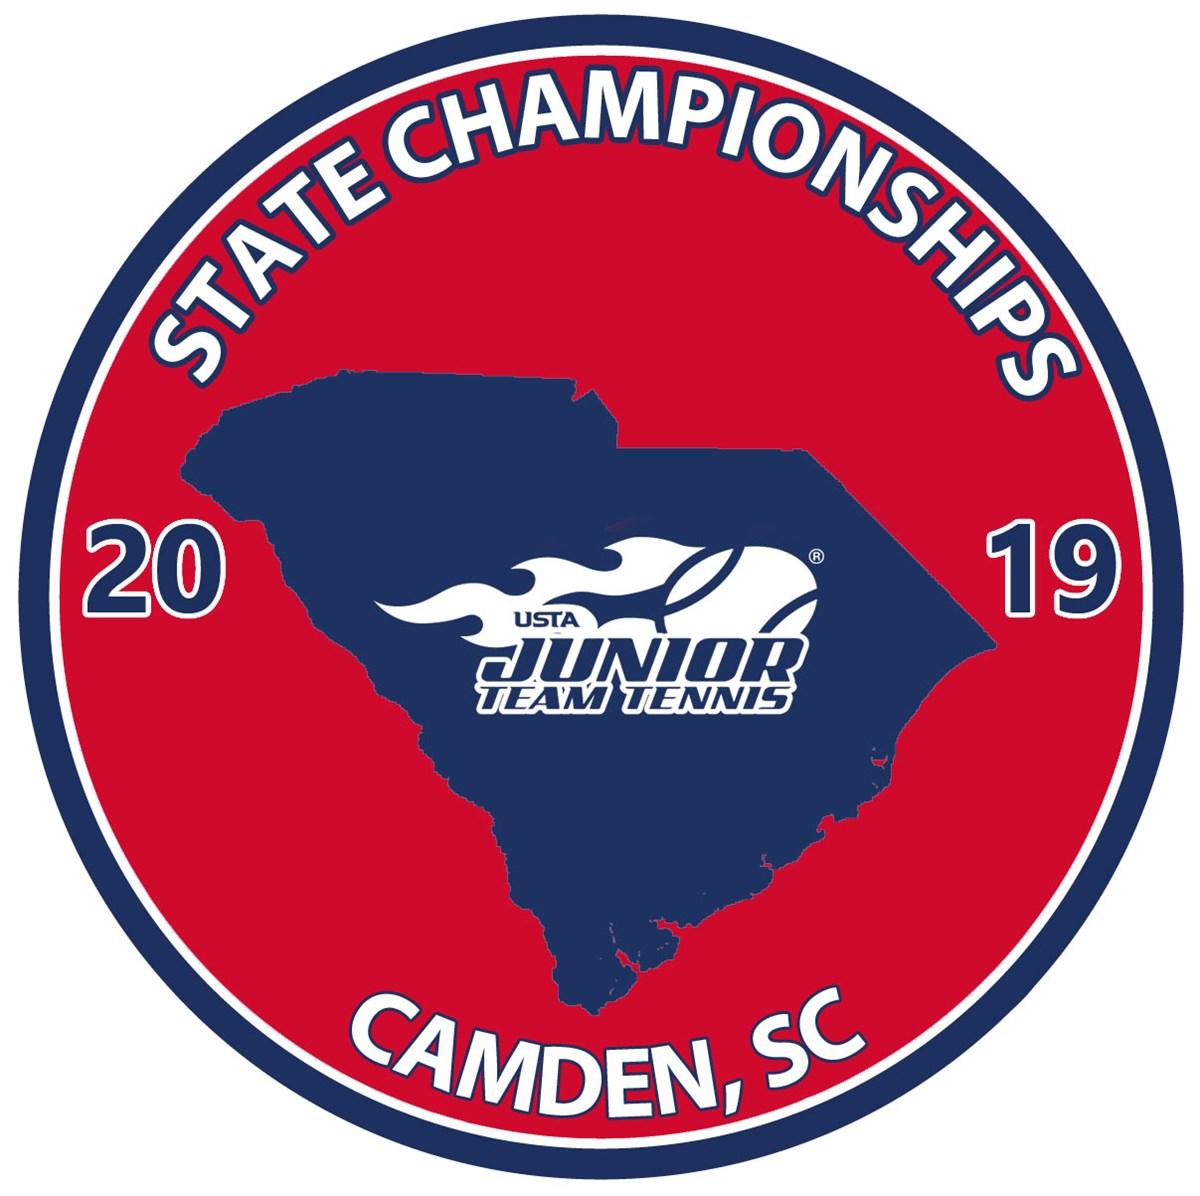 JTT-Championship-logo---2019REDANDBLUE